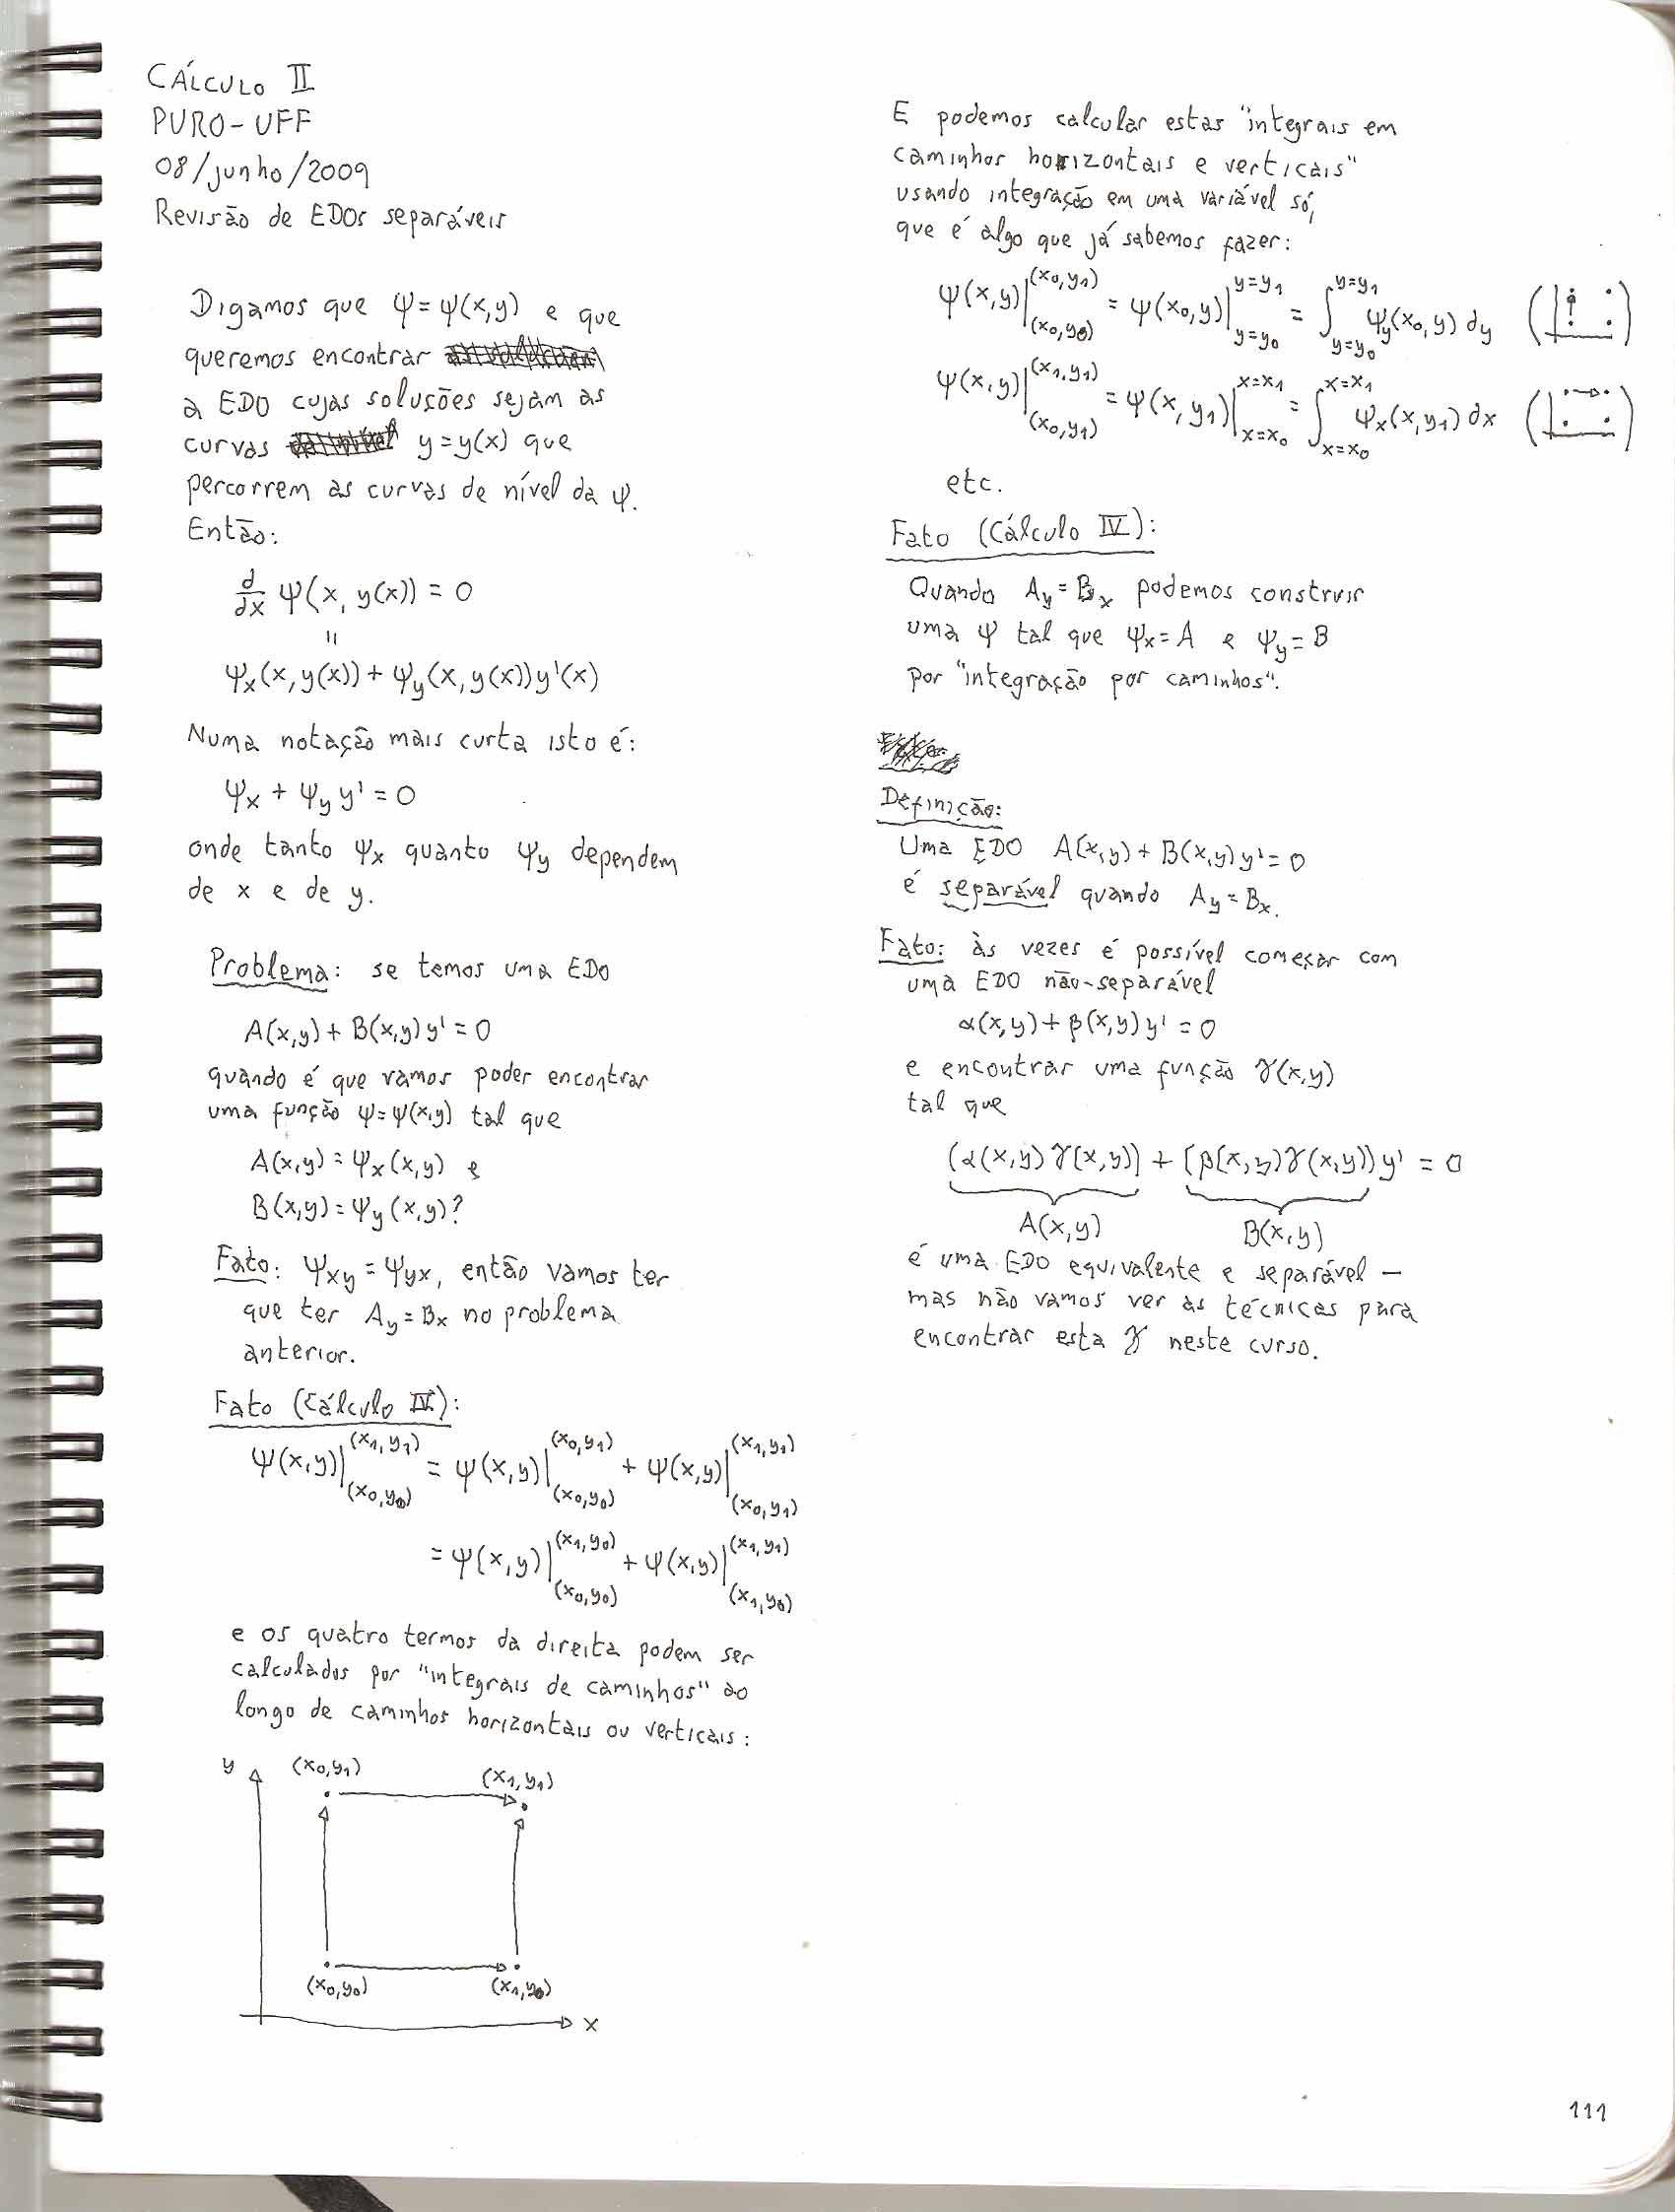 """exerccios de prepara§£o para a P2 3 páginas LaTeXadas find angg """"LATEX 2009jul02 C2 exercicios tex"""" find dvipage """""""